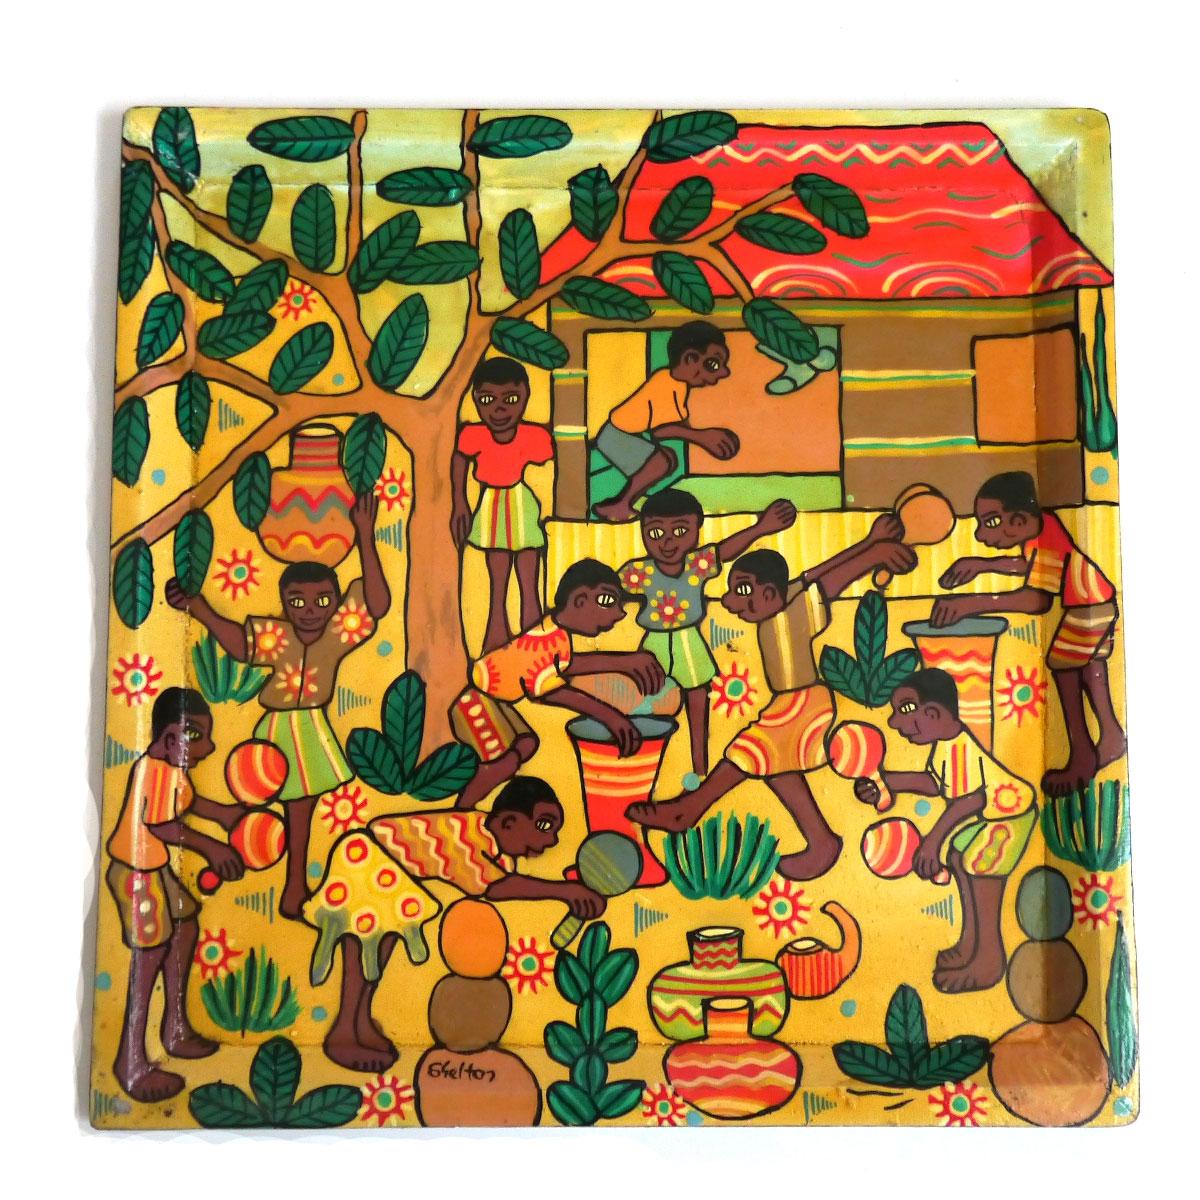 ジンバブエ ペイント画 「ムリンダシャカ村の祭り」ZP-01